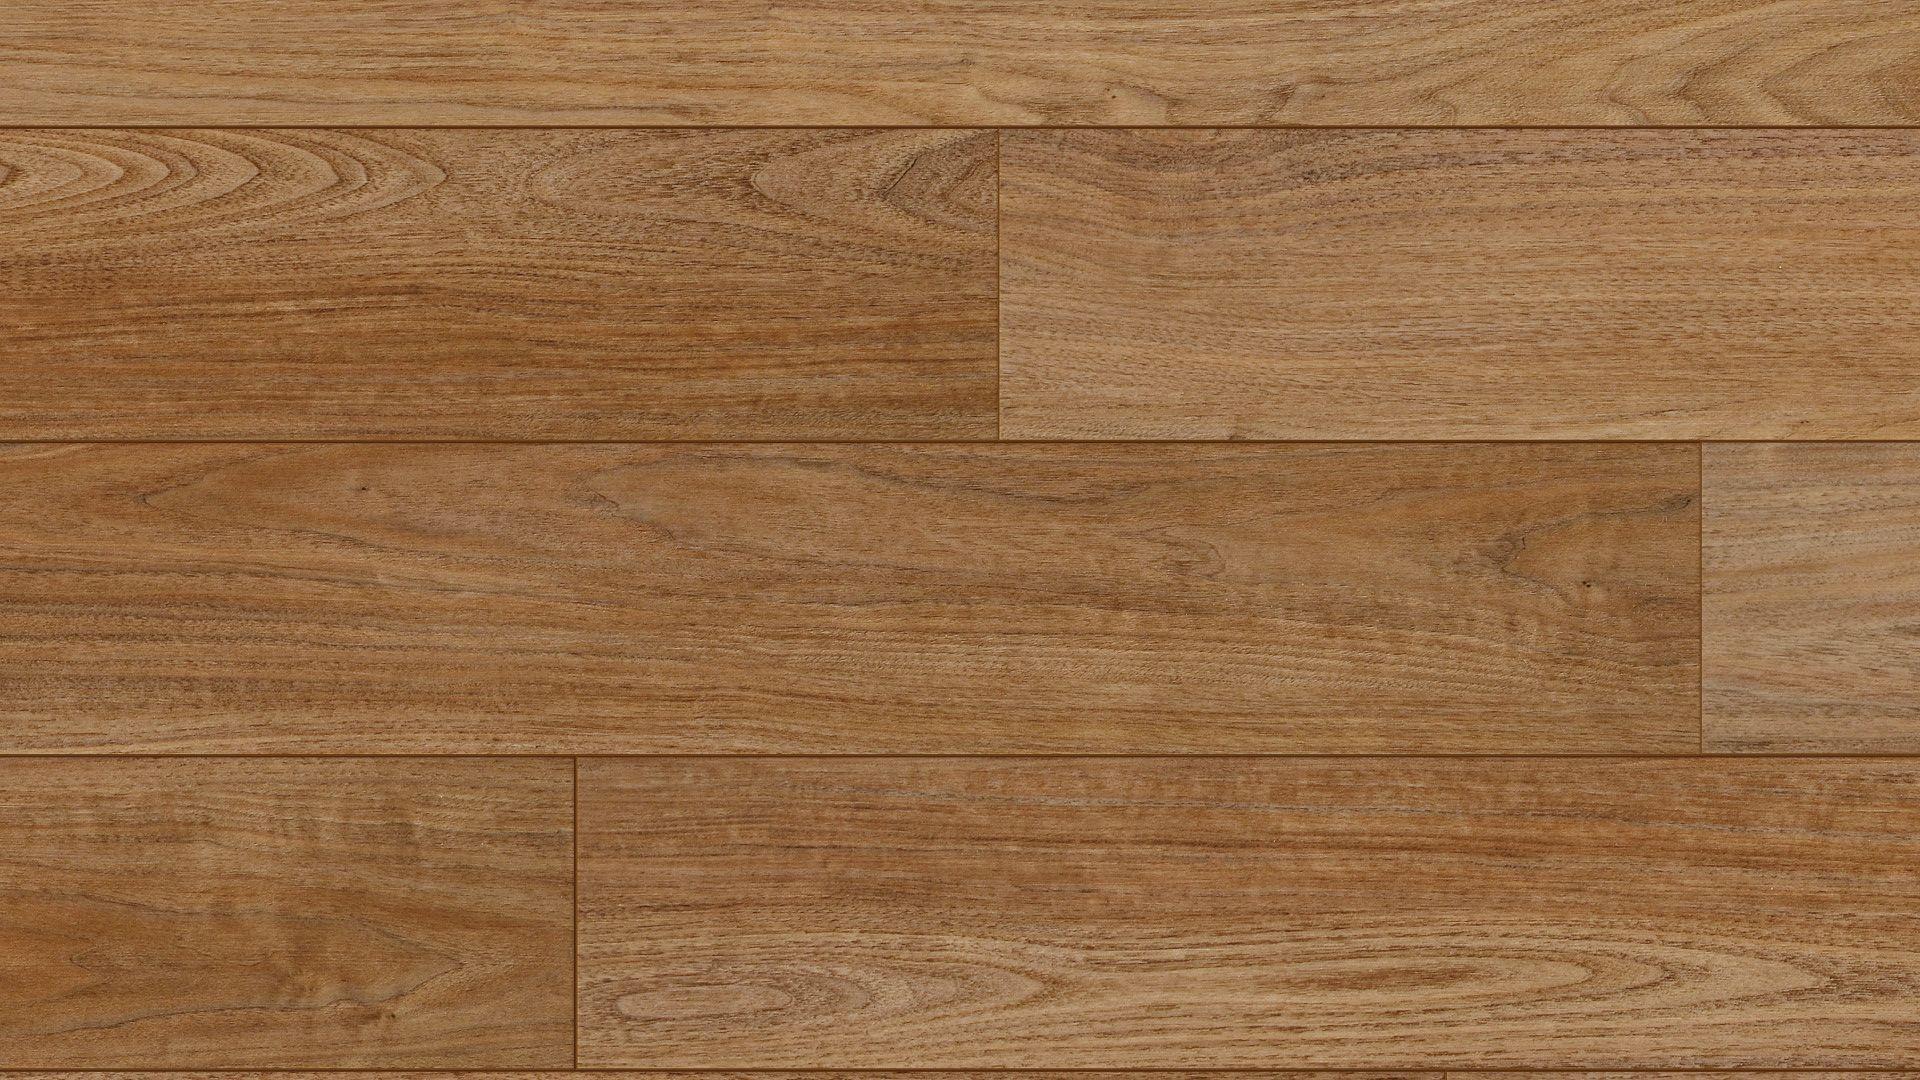 Penmore Walnut Vv458 02711 Vinyl Plank